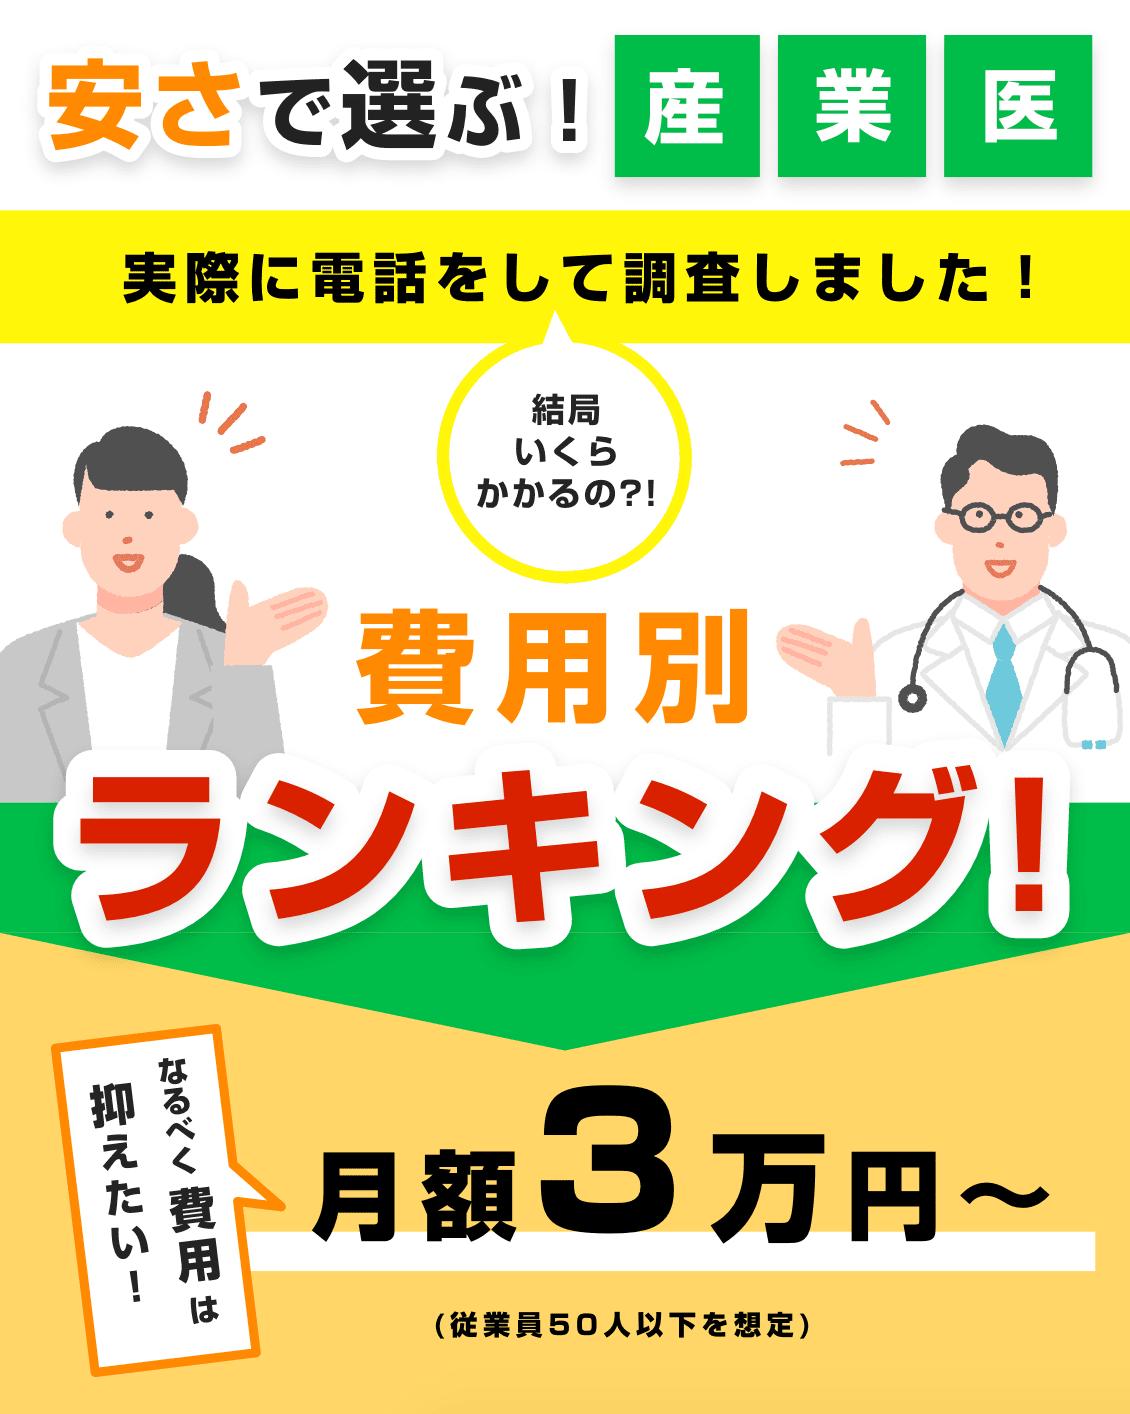 評判の産業医紹介会社を徹底調査!おすすめ会社5選